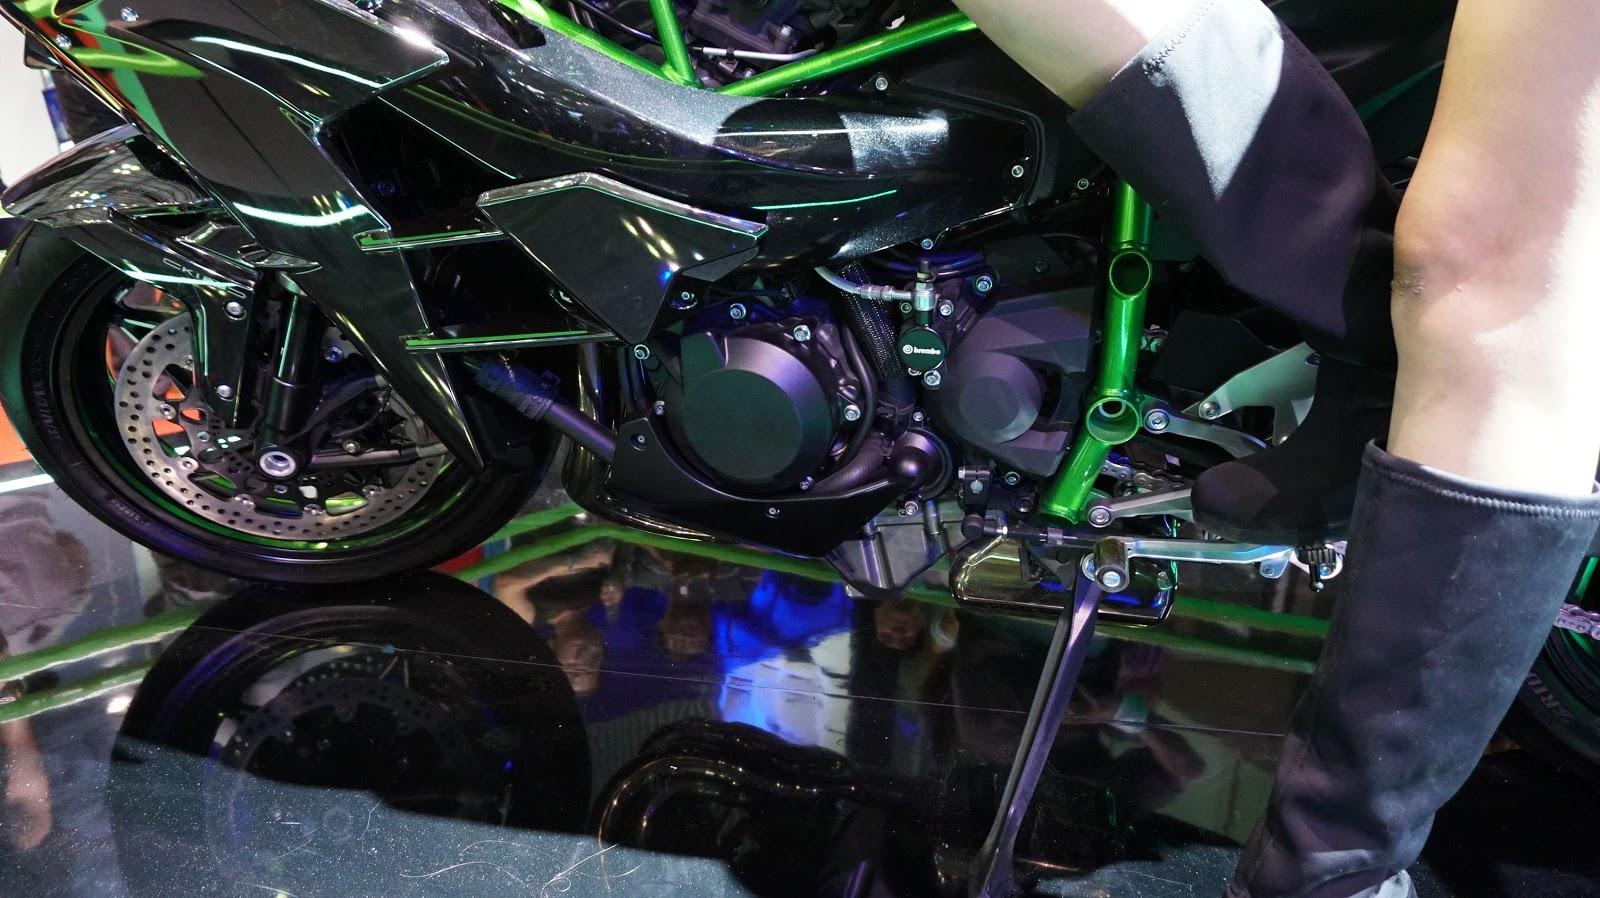 Xe sở hữu khối động cơ lên đến gần 200 mã lực, rất mạnh mẽ